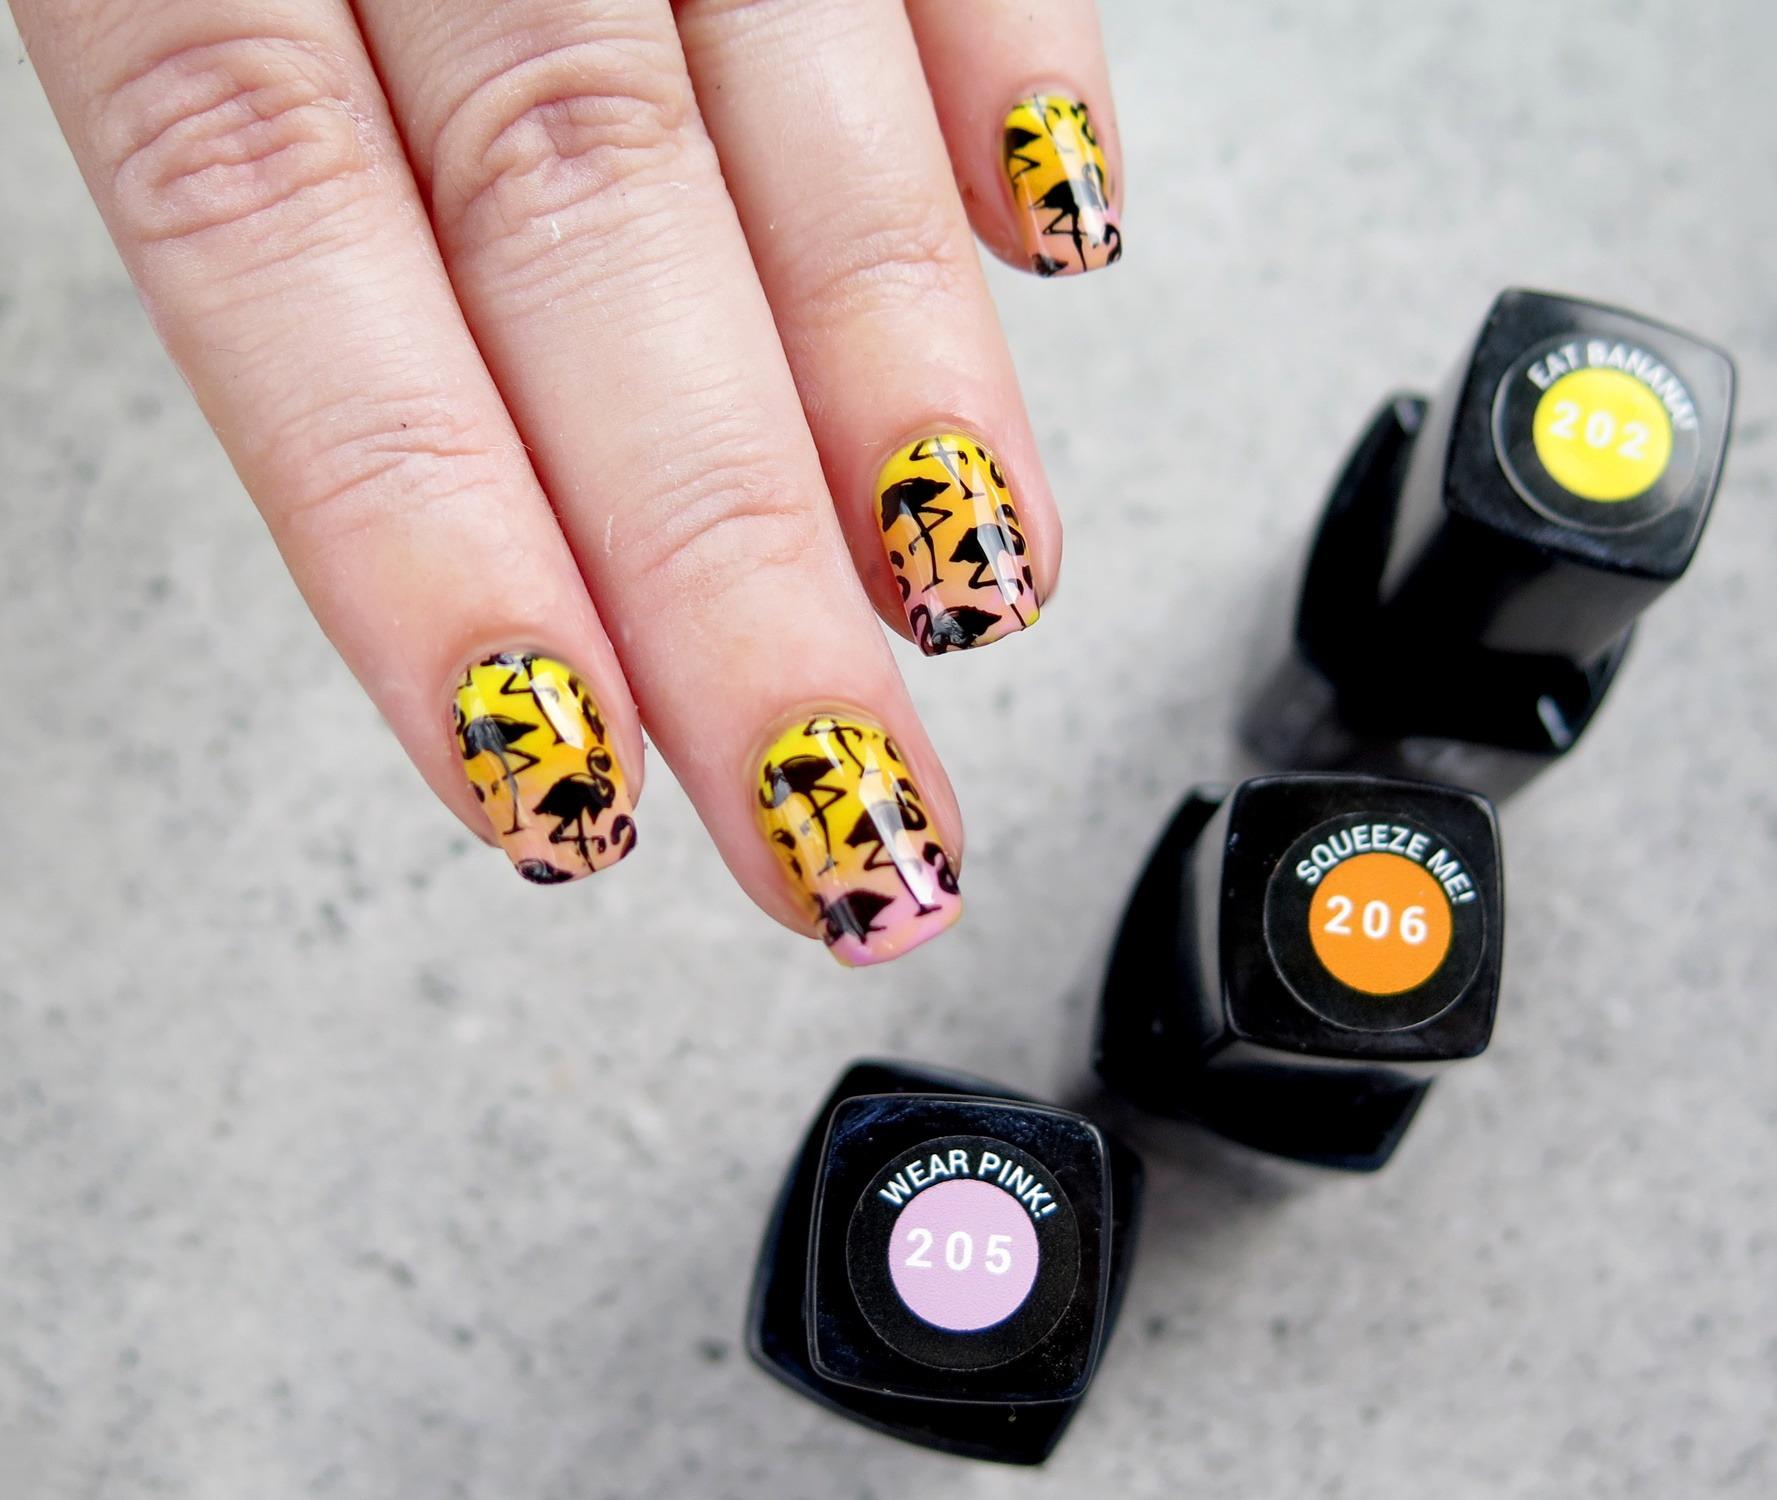 zdobienie paznokci evo nails lakiery hybrydowe gradient ombre wzory na lato